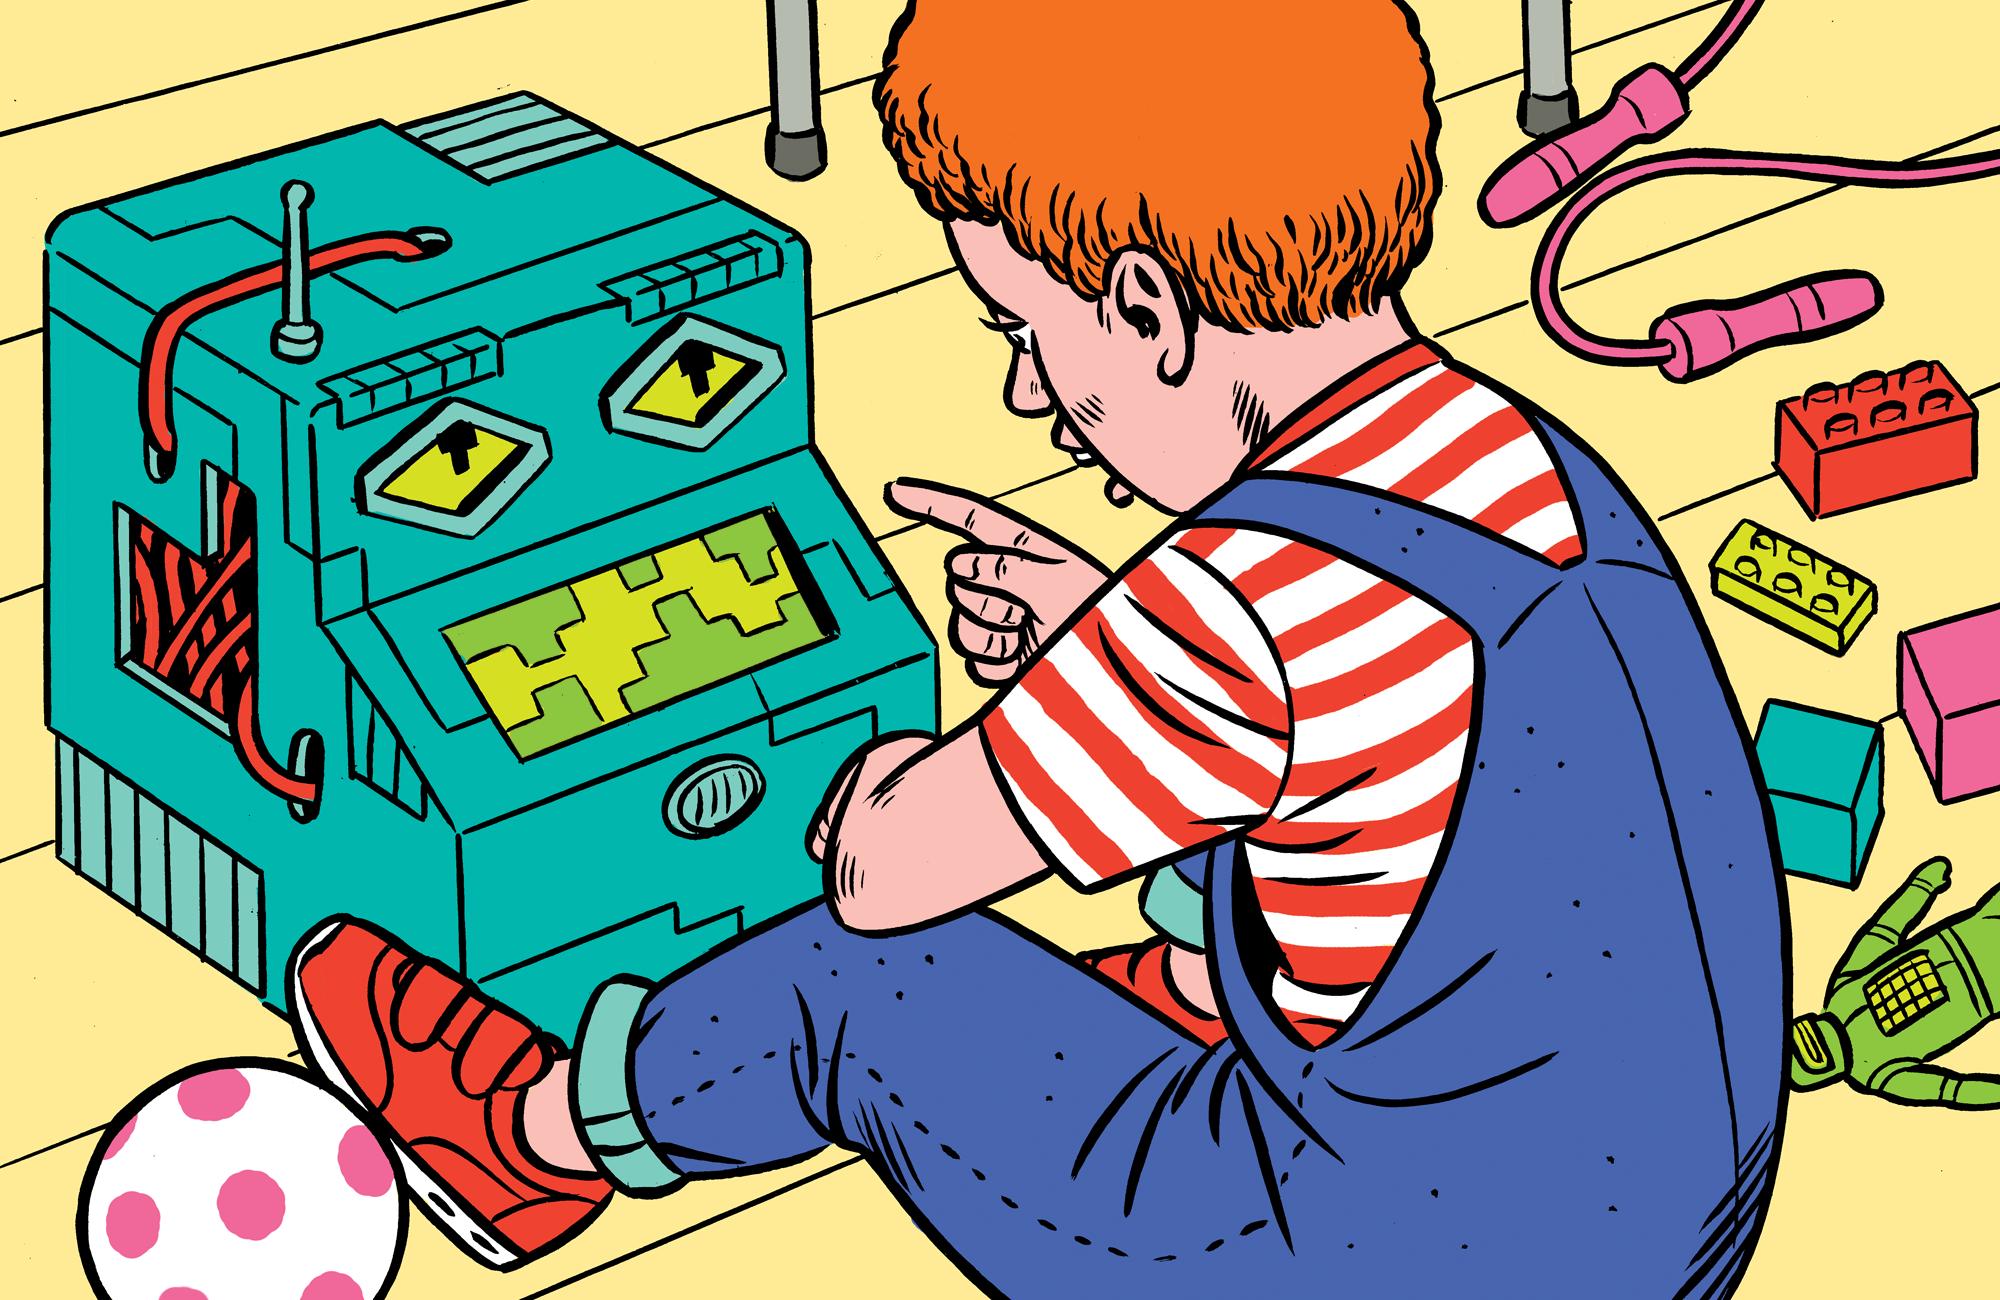 Crecer con Alexa: ¿cómo serán los niños que conviven con mayordomos robóticos?